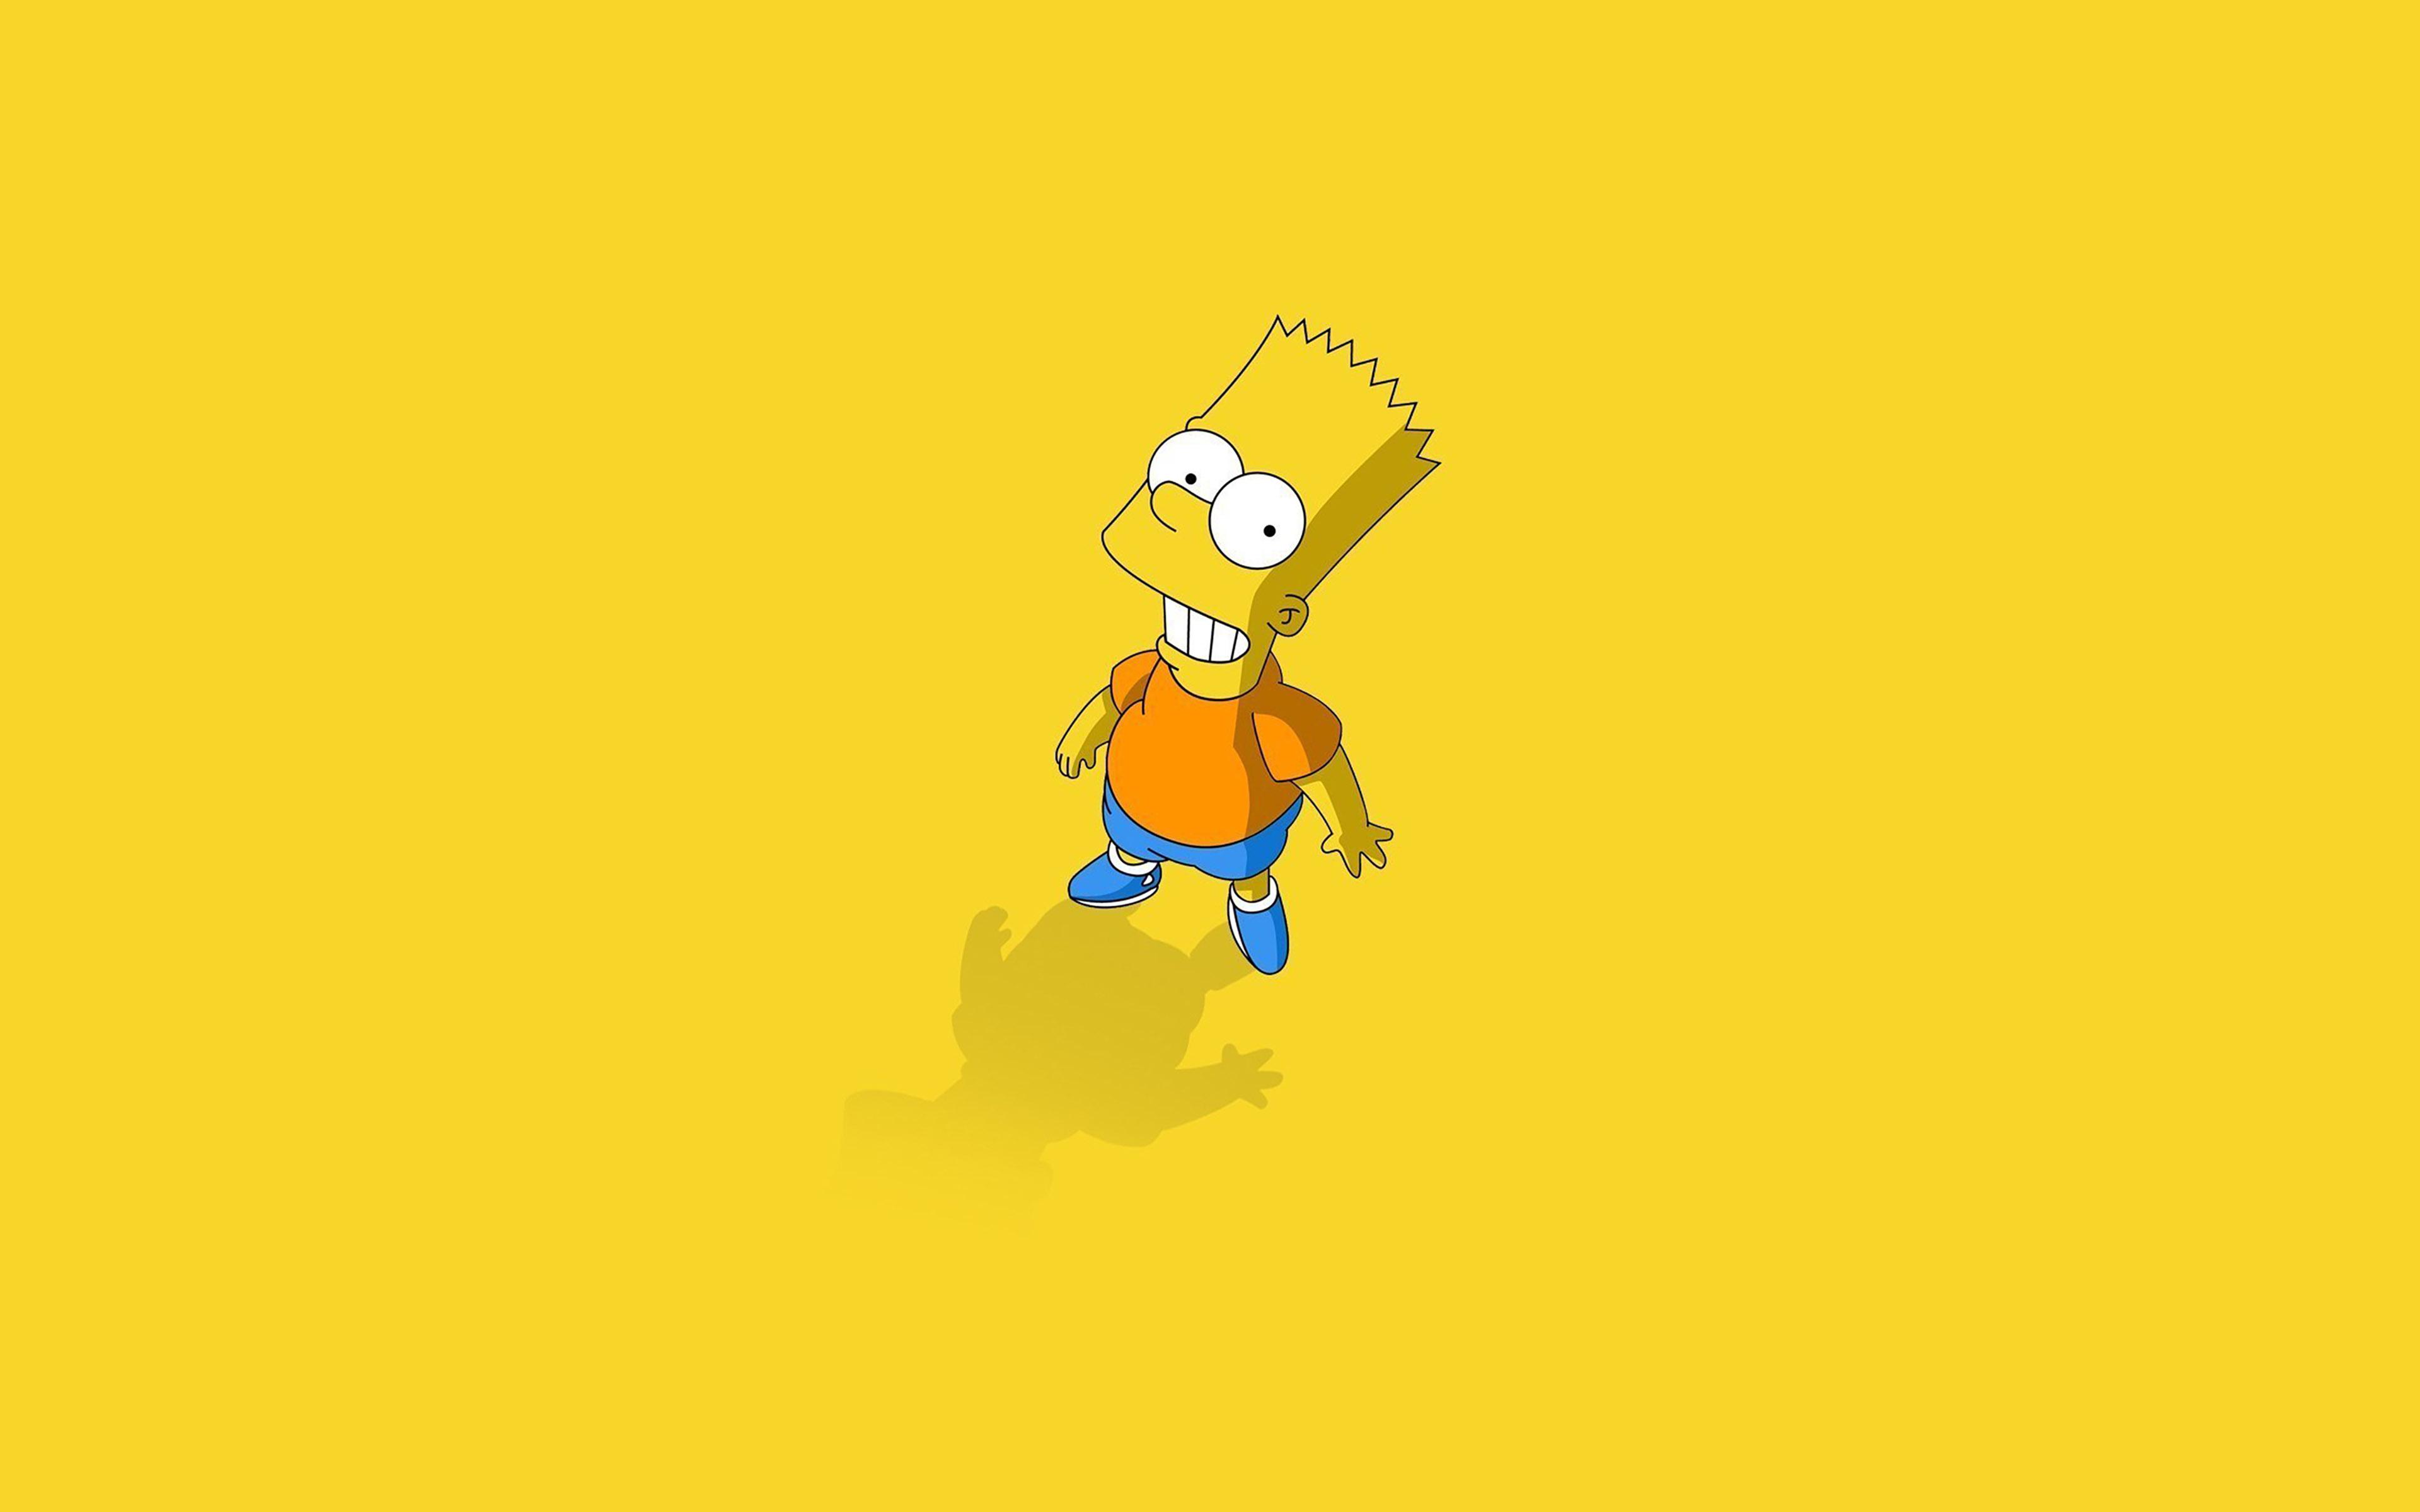 Wallpaper For Desktop Laptop Af48 Hi I Am Bart Simpsons Minimal